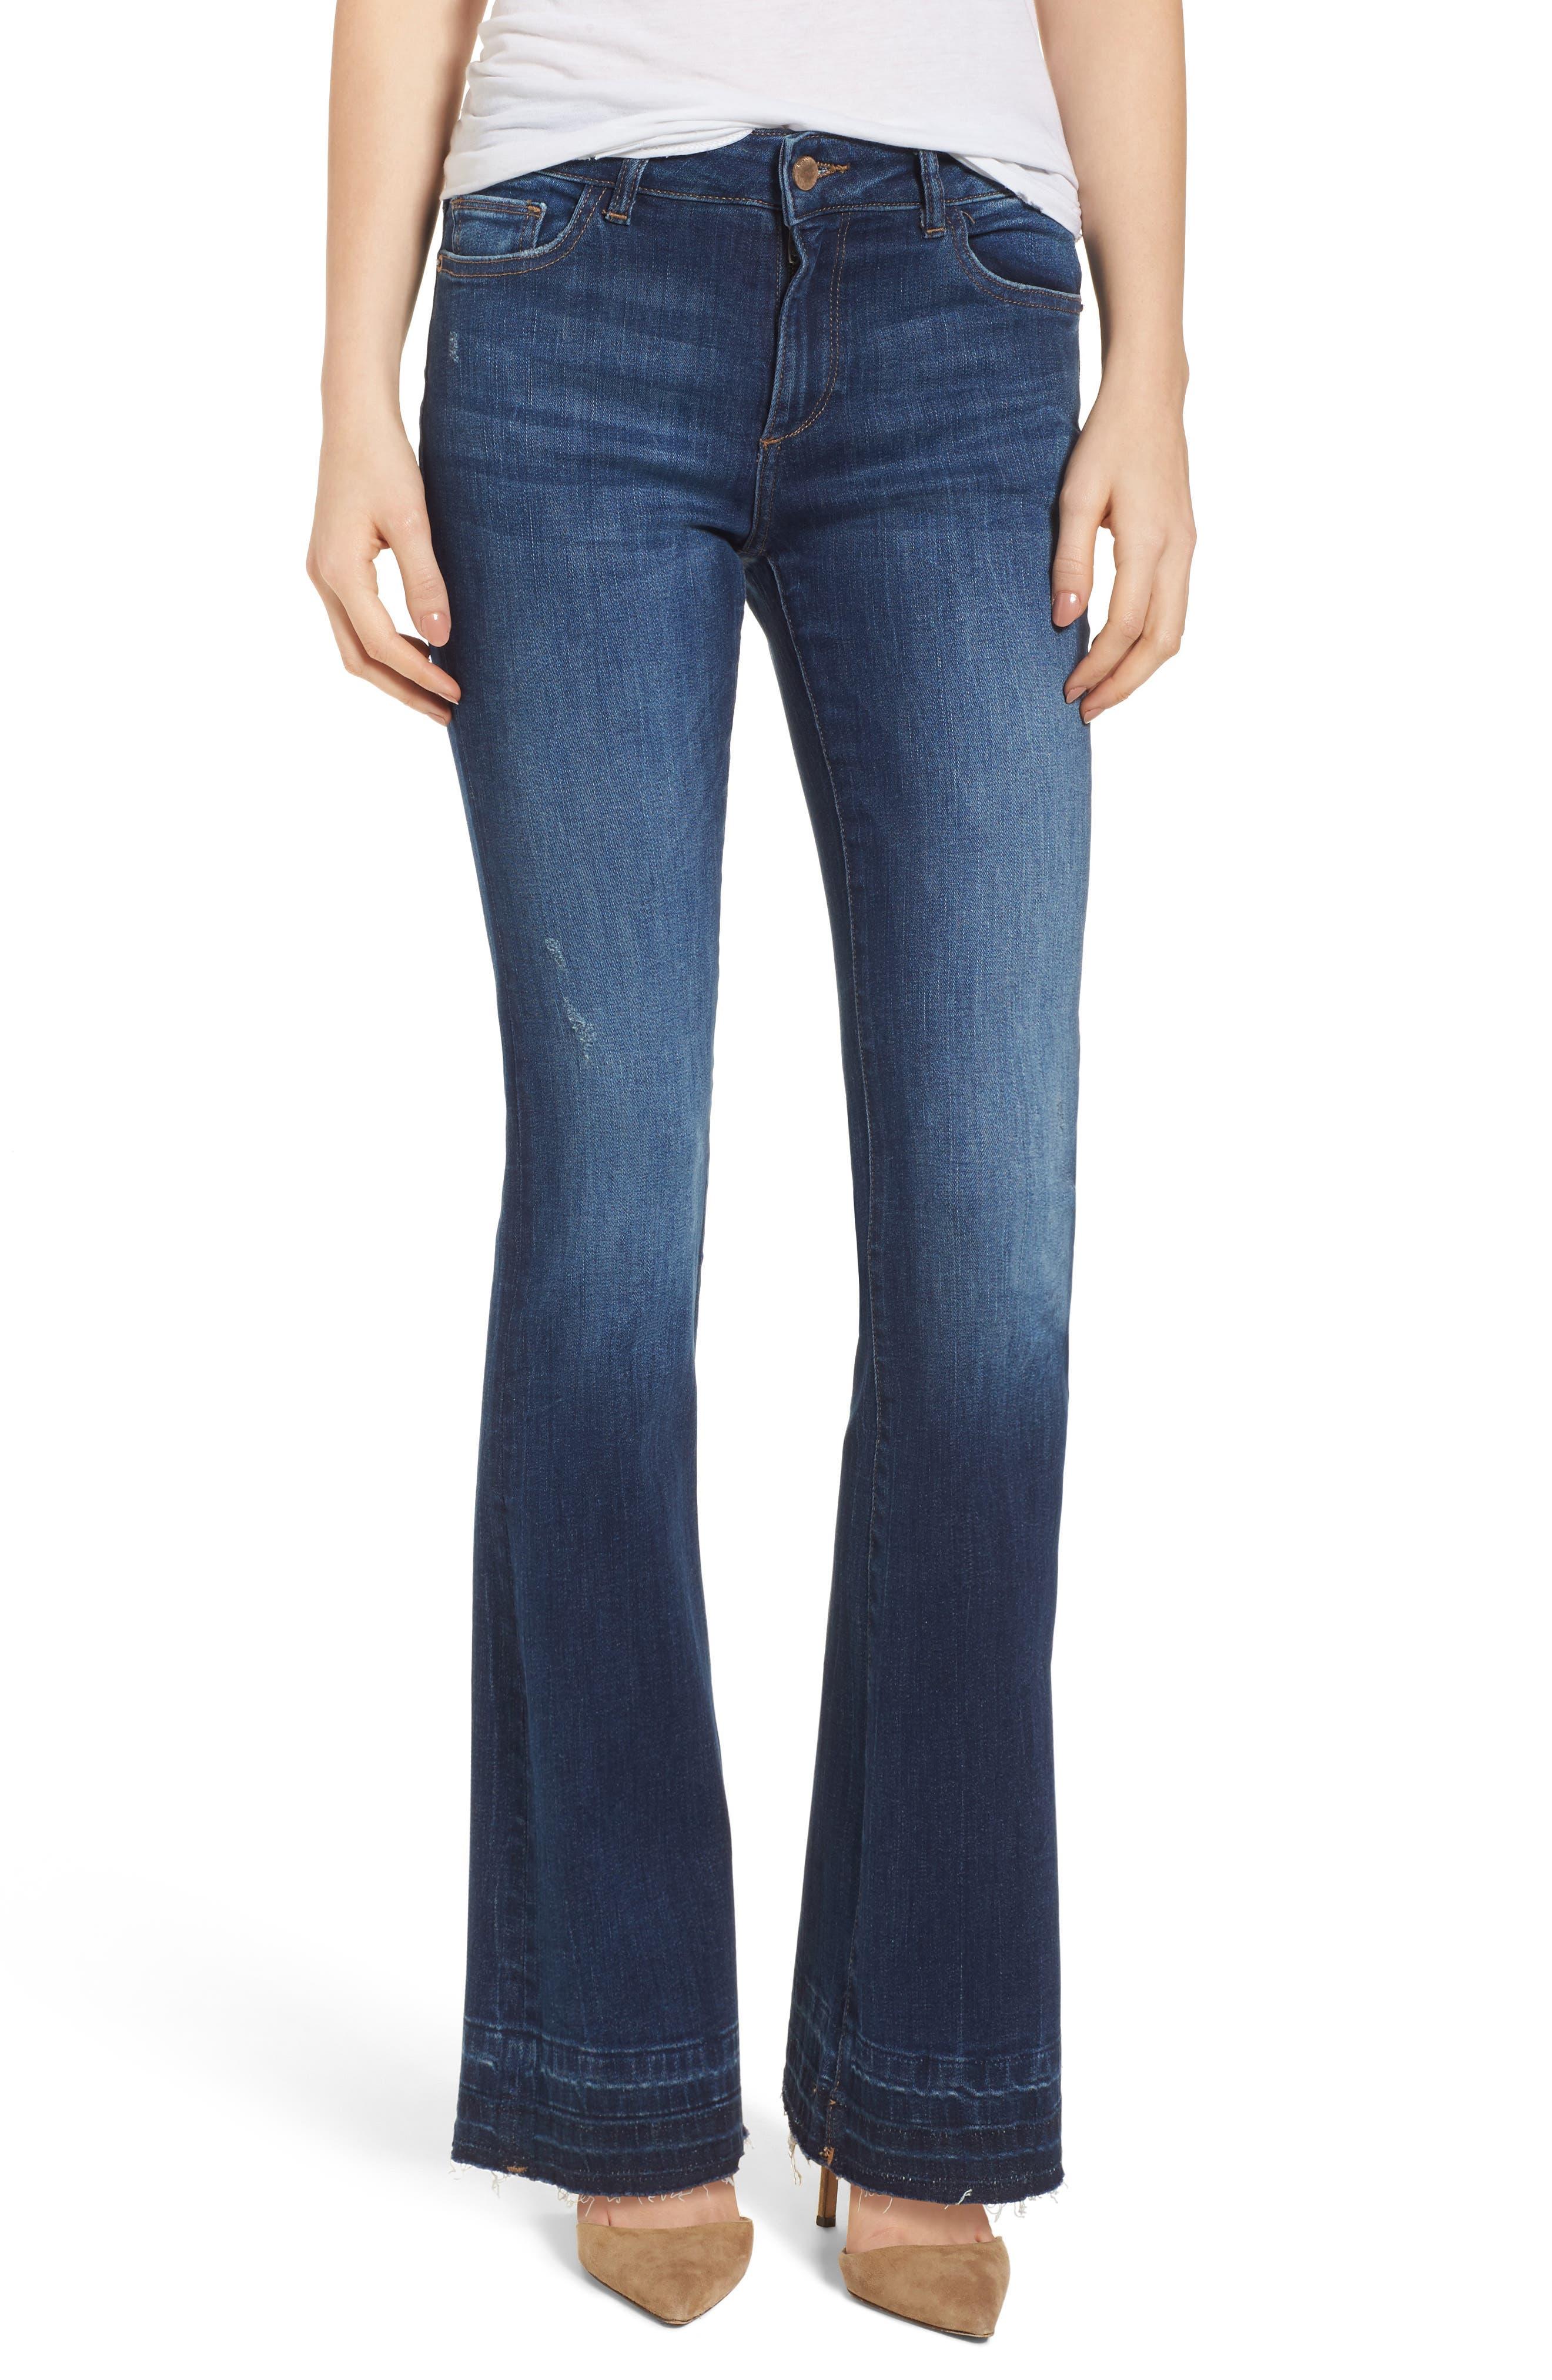 DL1961 Bridget Instasculpt Bootcut Jeans (Riverdale)